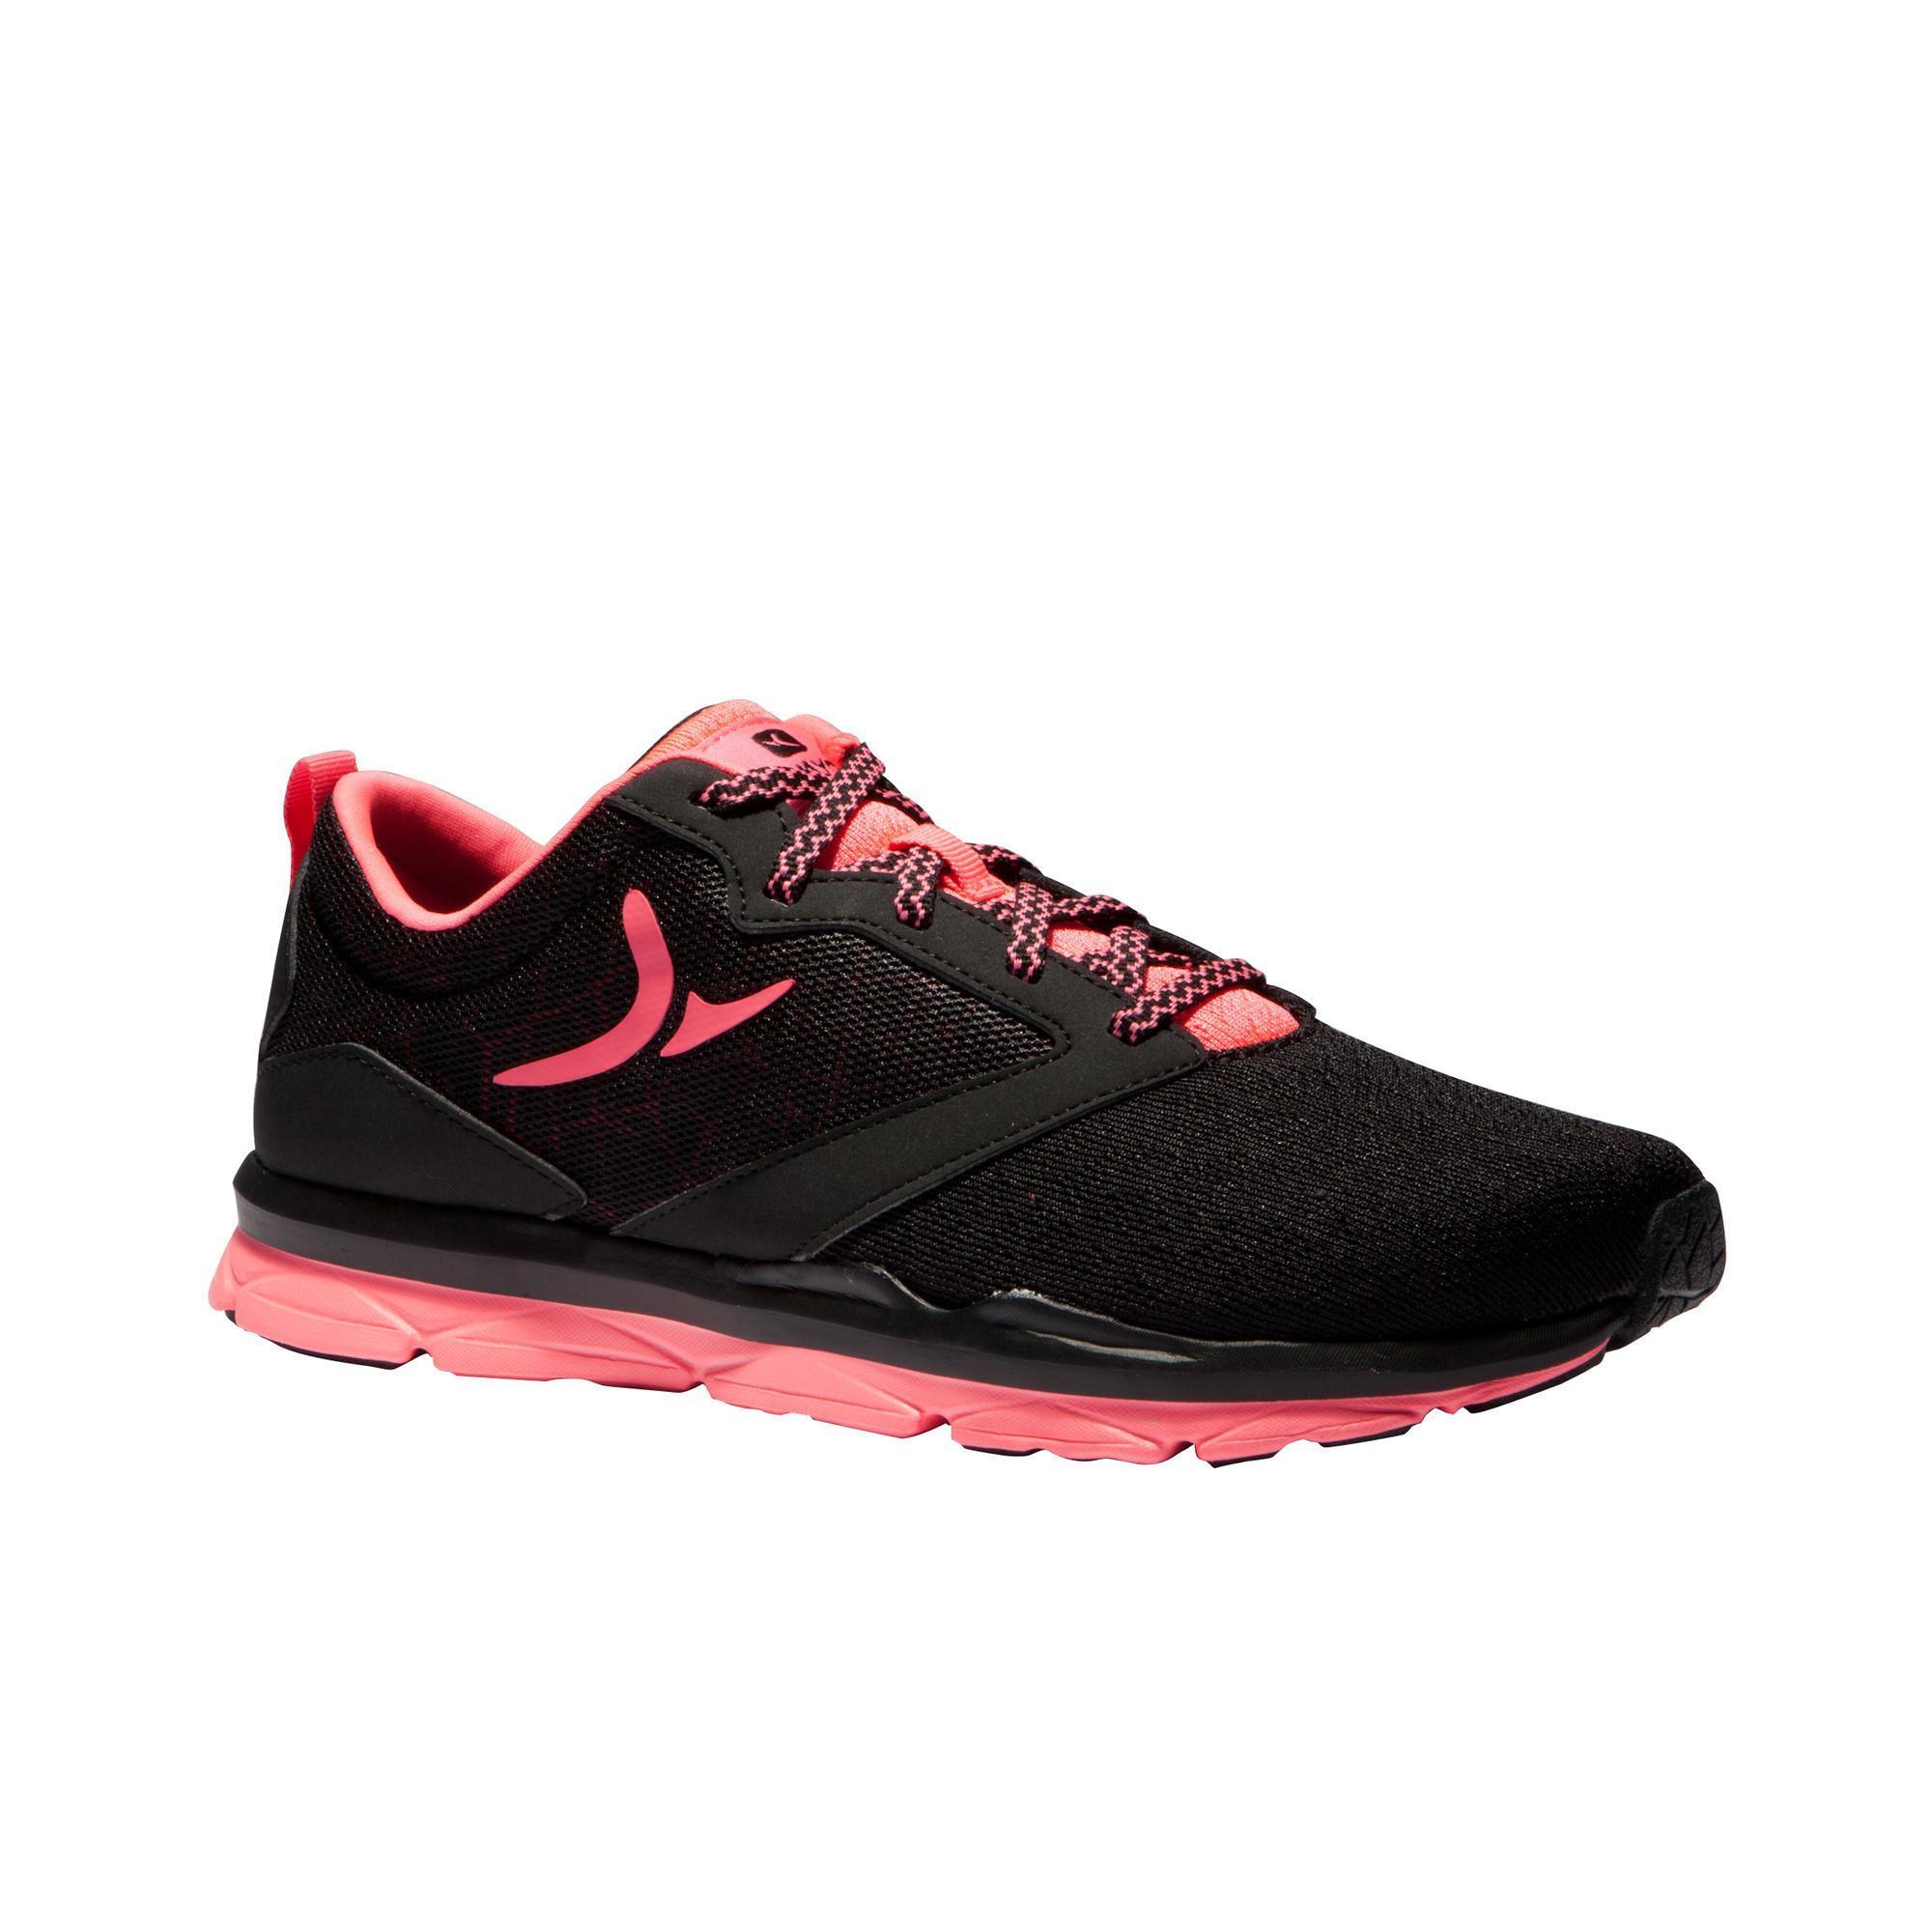 153934b16fe Domyos Fitness schoenen cardiotraining 500 voor dames